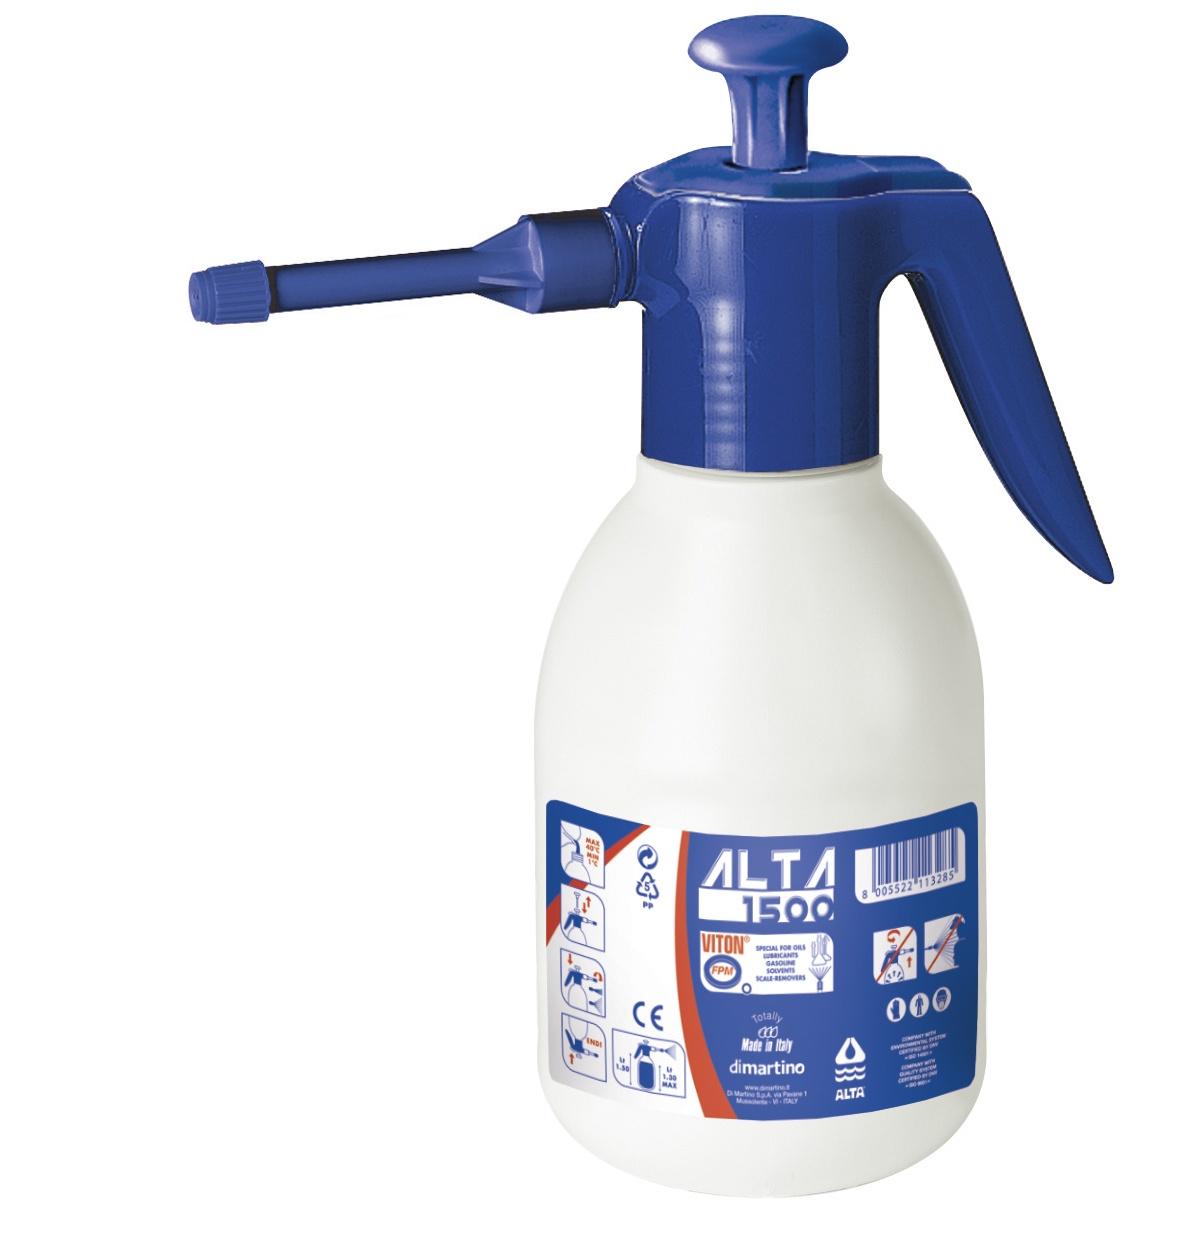 Распылитель кислот, масел и других агрессивных жидкостей Di Martino Alta 1500 Viton